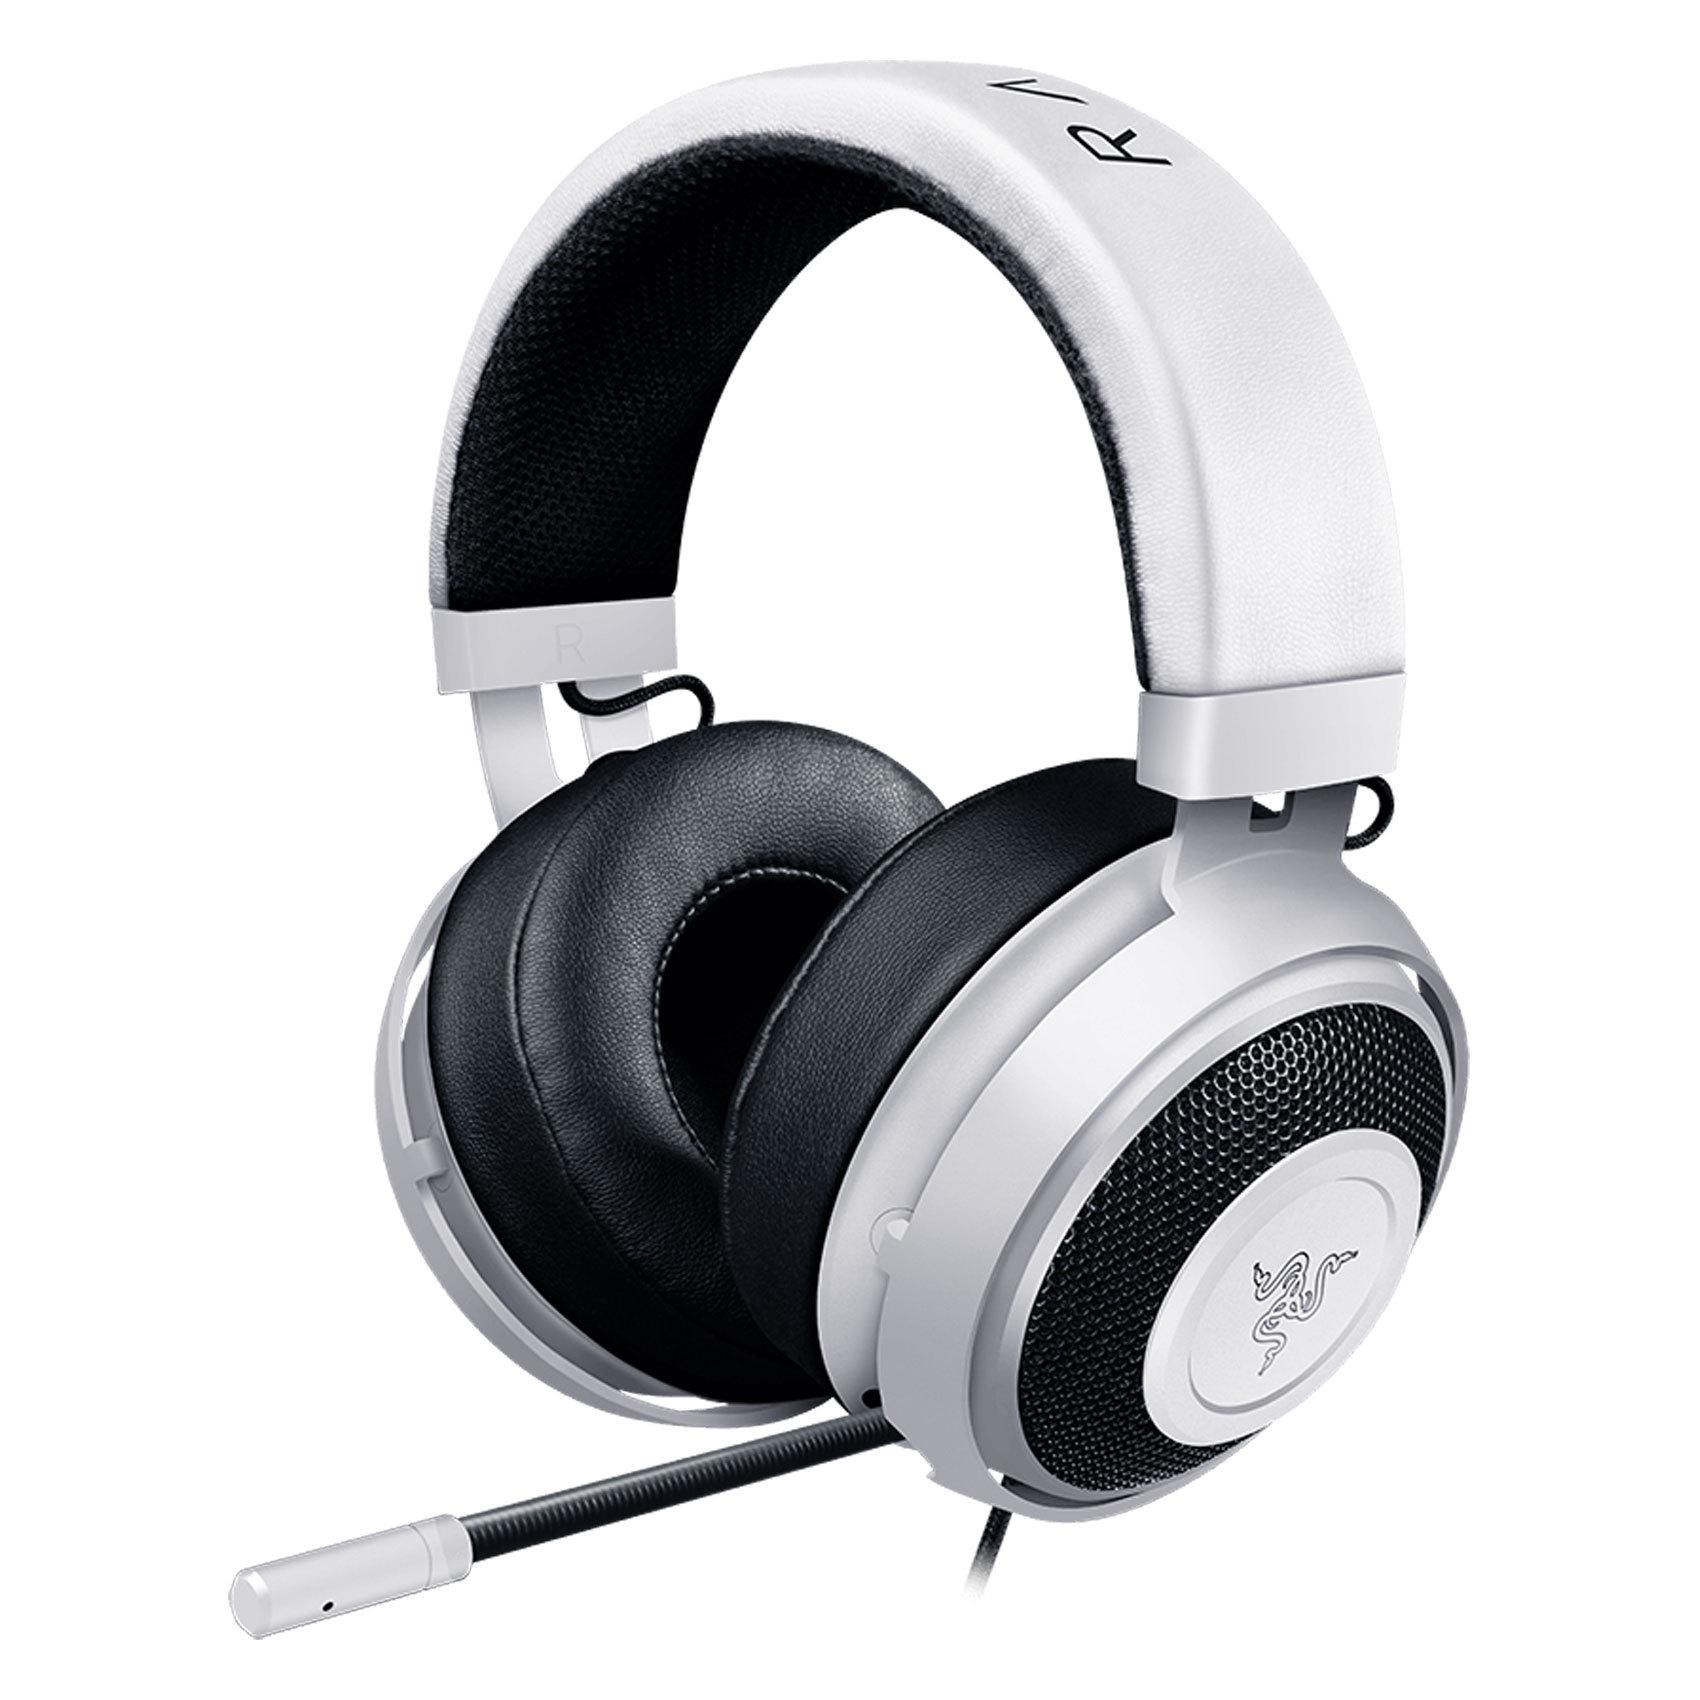 Buy Razer Gaming Headset Kraken Pro V2-White Online in UAE ...